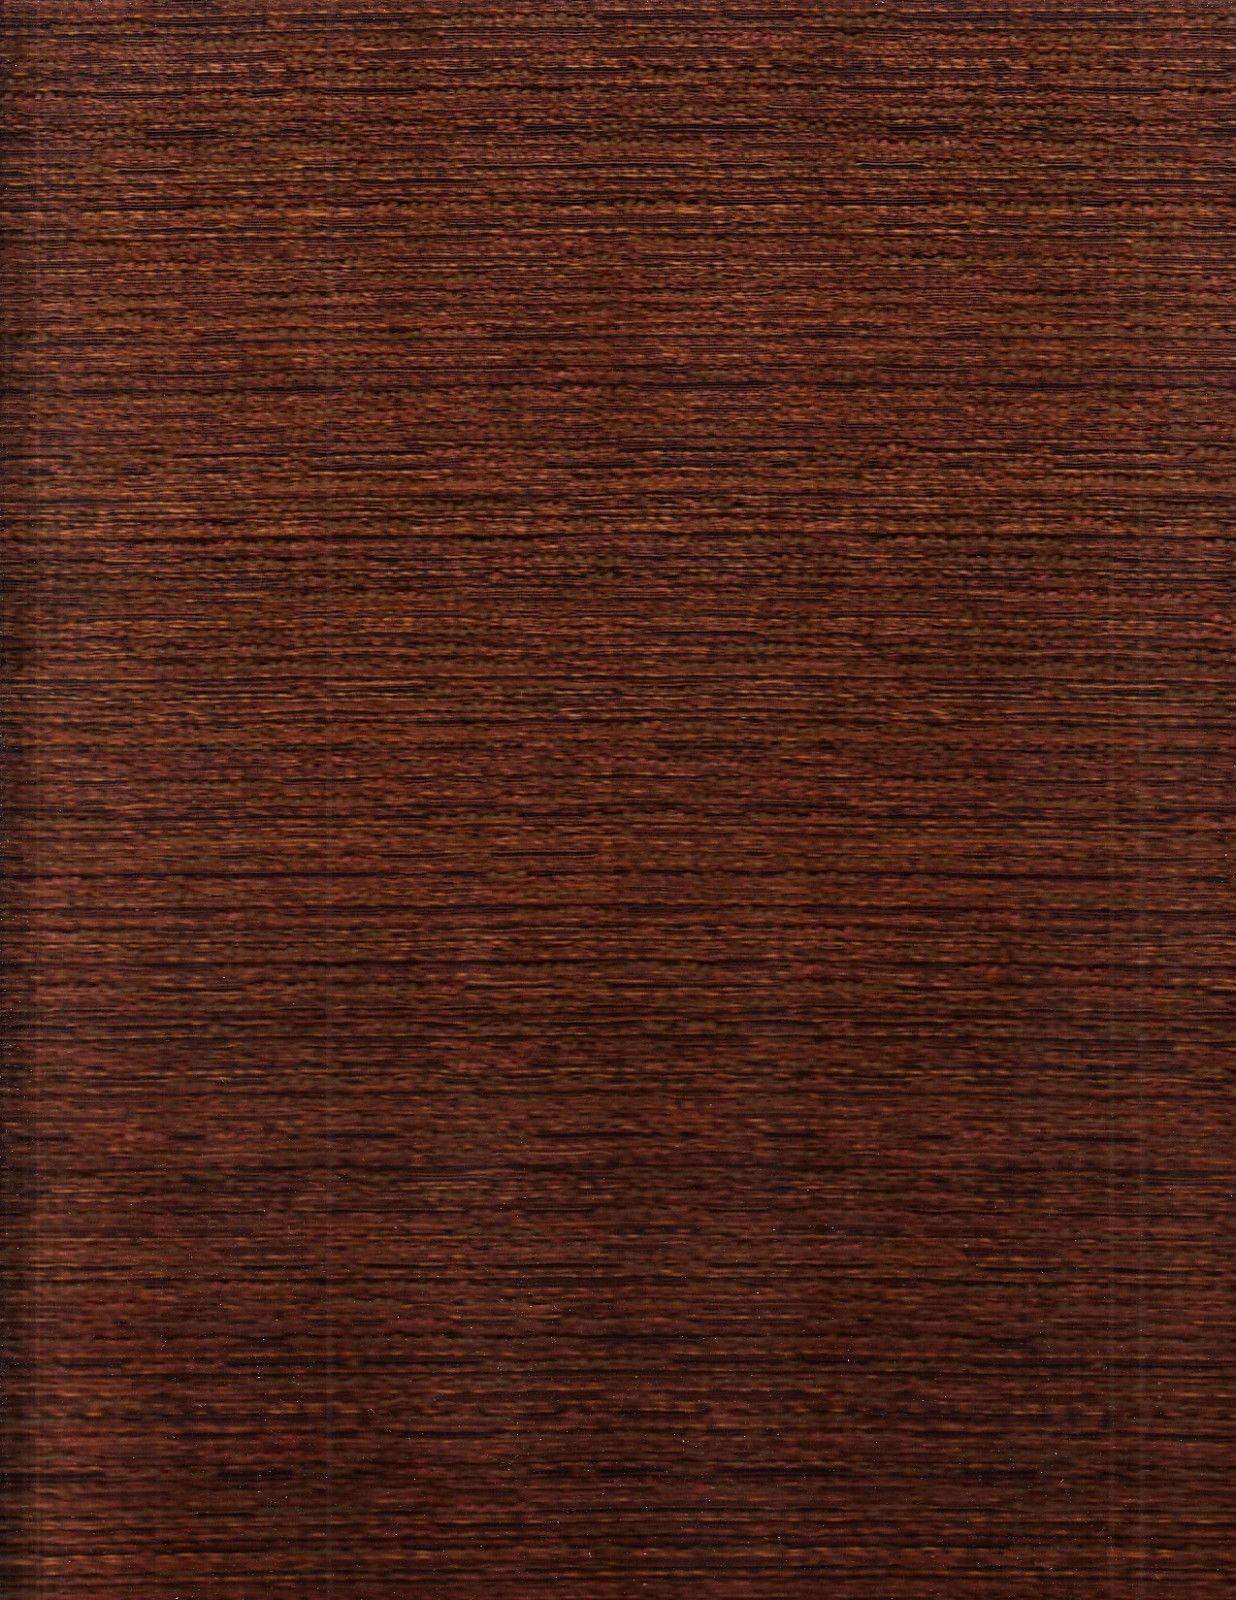 Mi Siècle Moderne Tapisserie Tissu Annonce pour Hommes Tweed Marron 8.2m DP2-c9